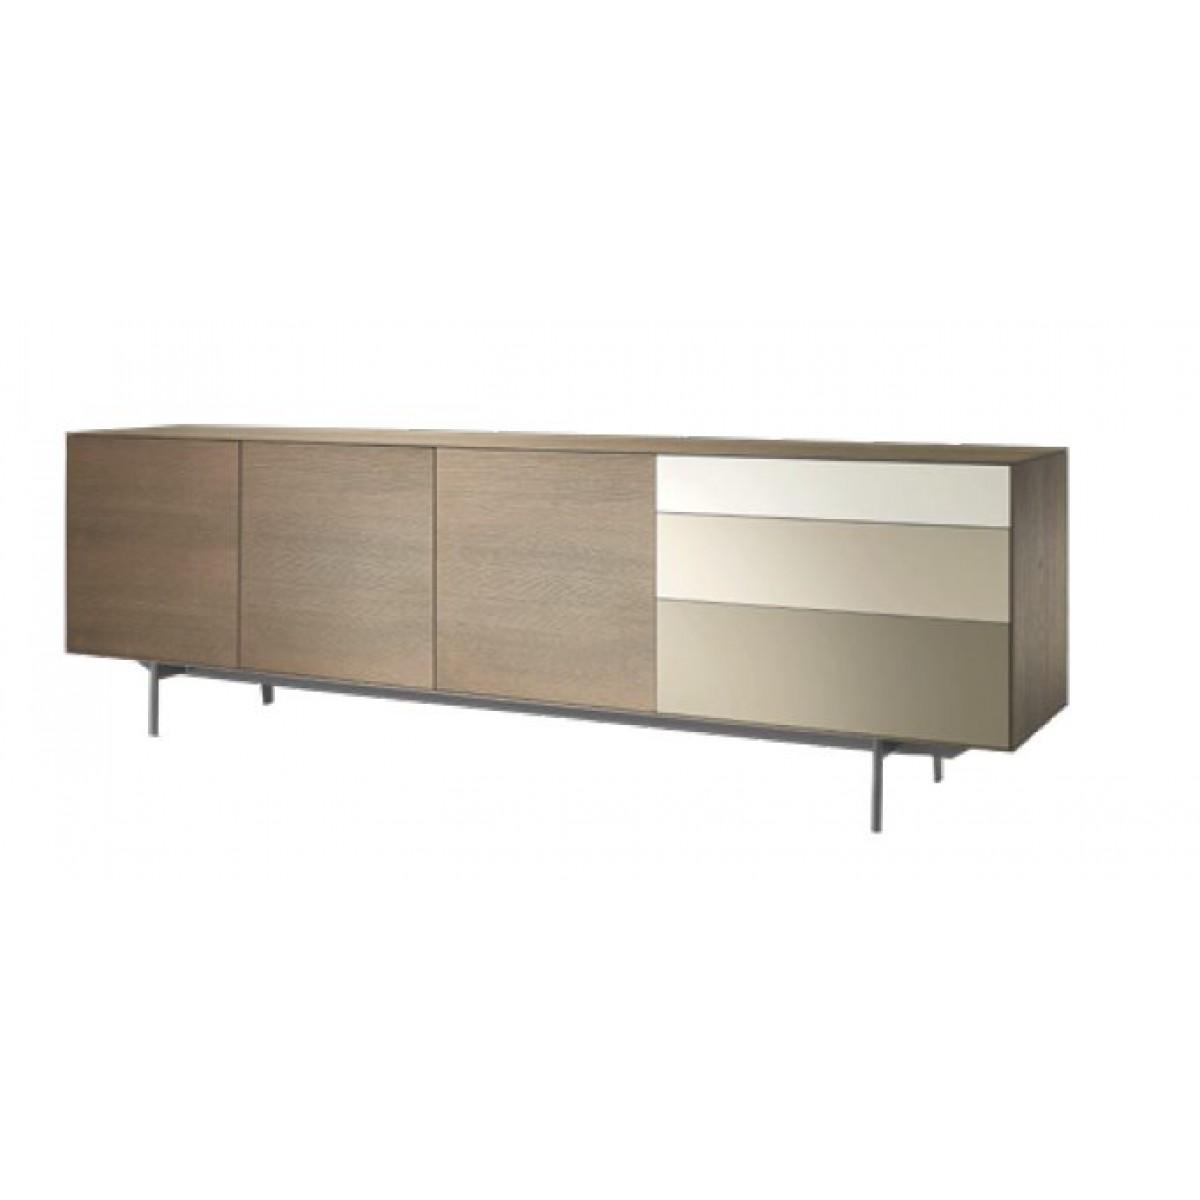 sideboard-sokkel-dressoir-bloom-eiken-BL9-miltonhouse-plint-hangend-metalen-pootstel